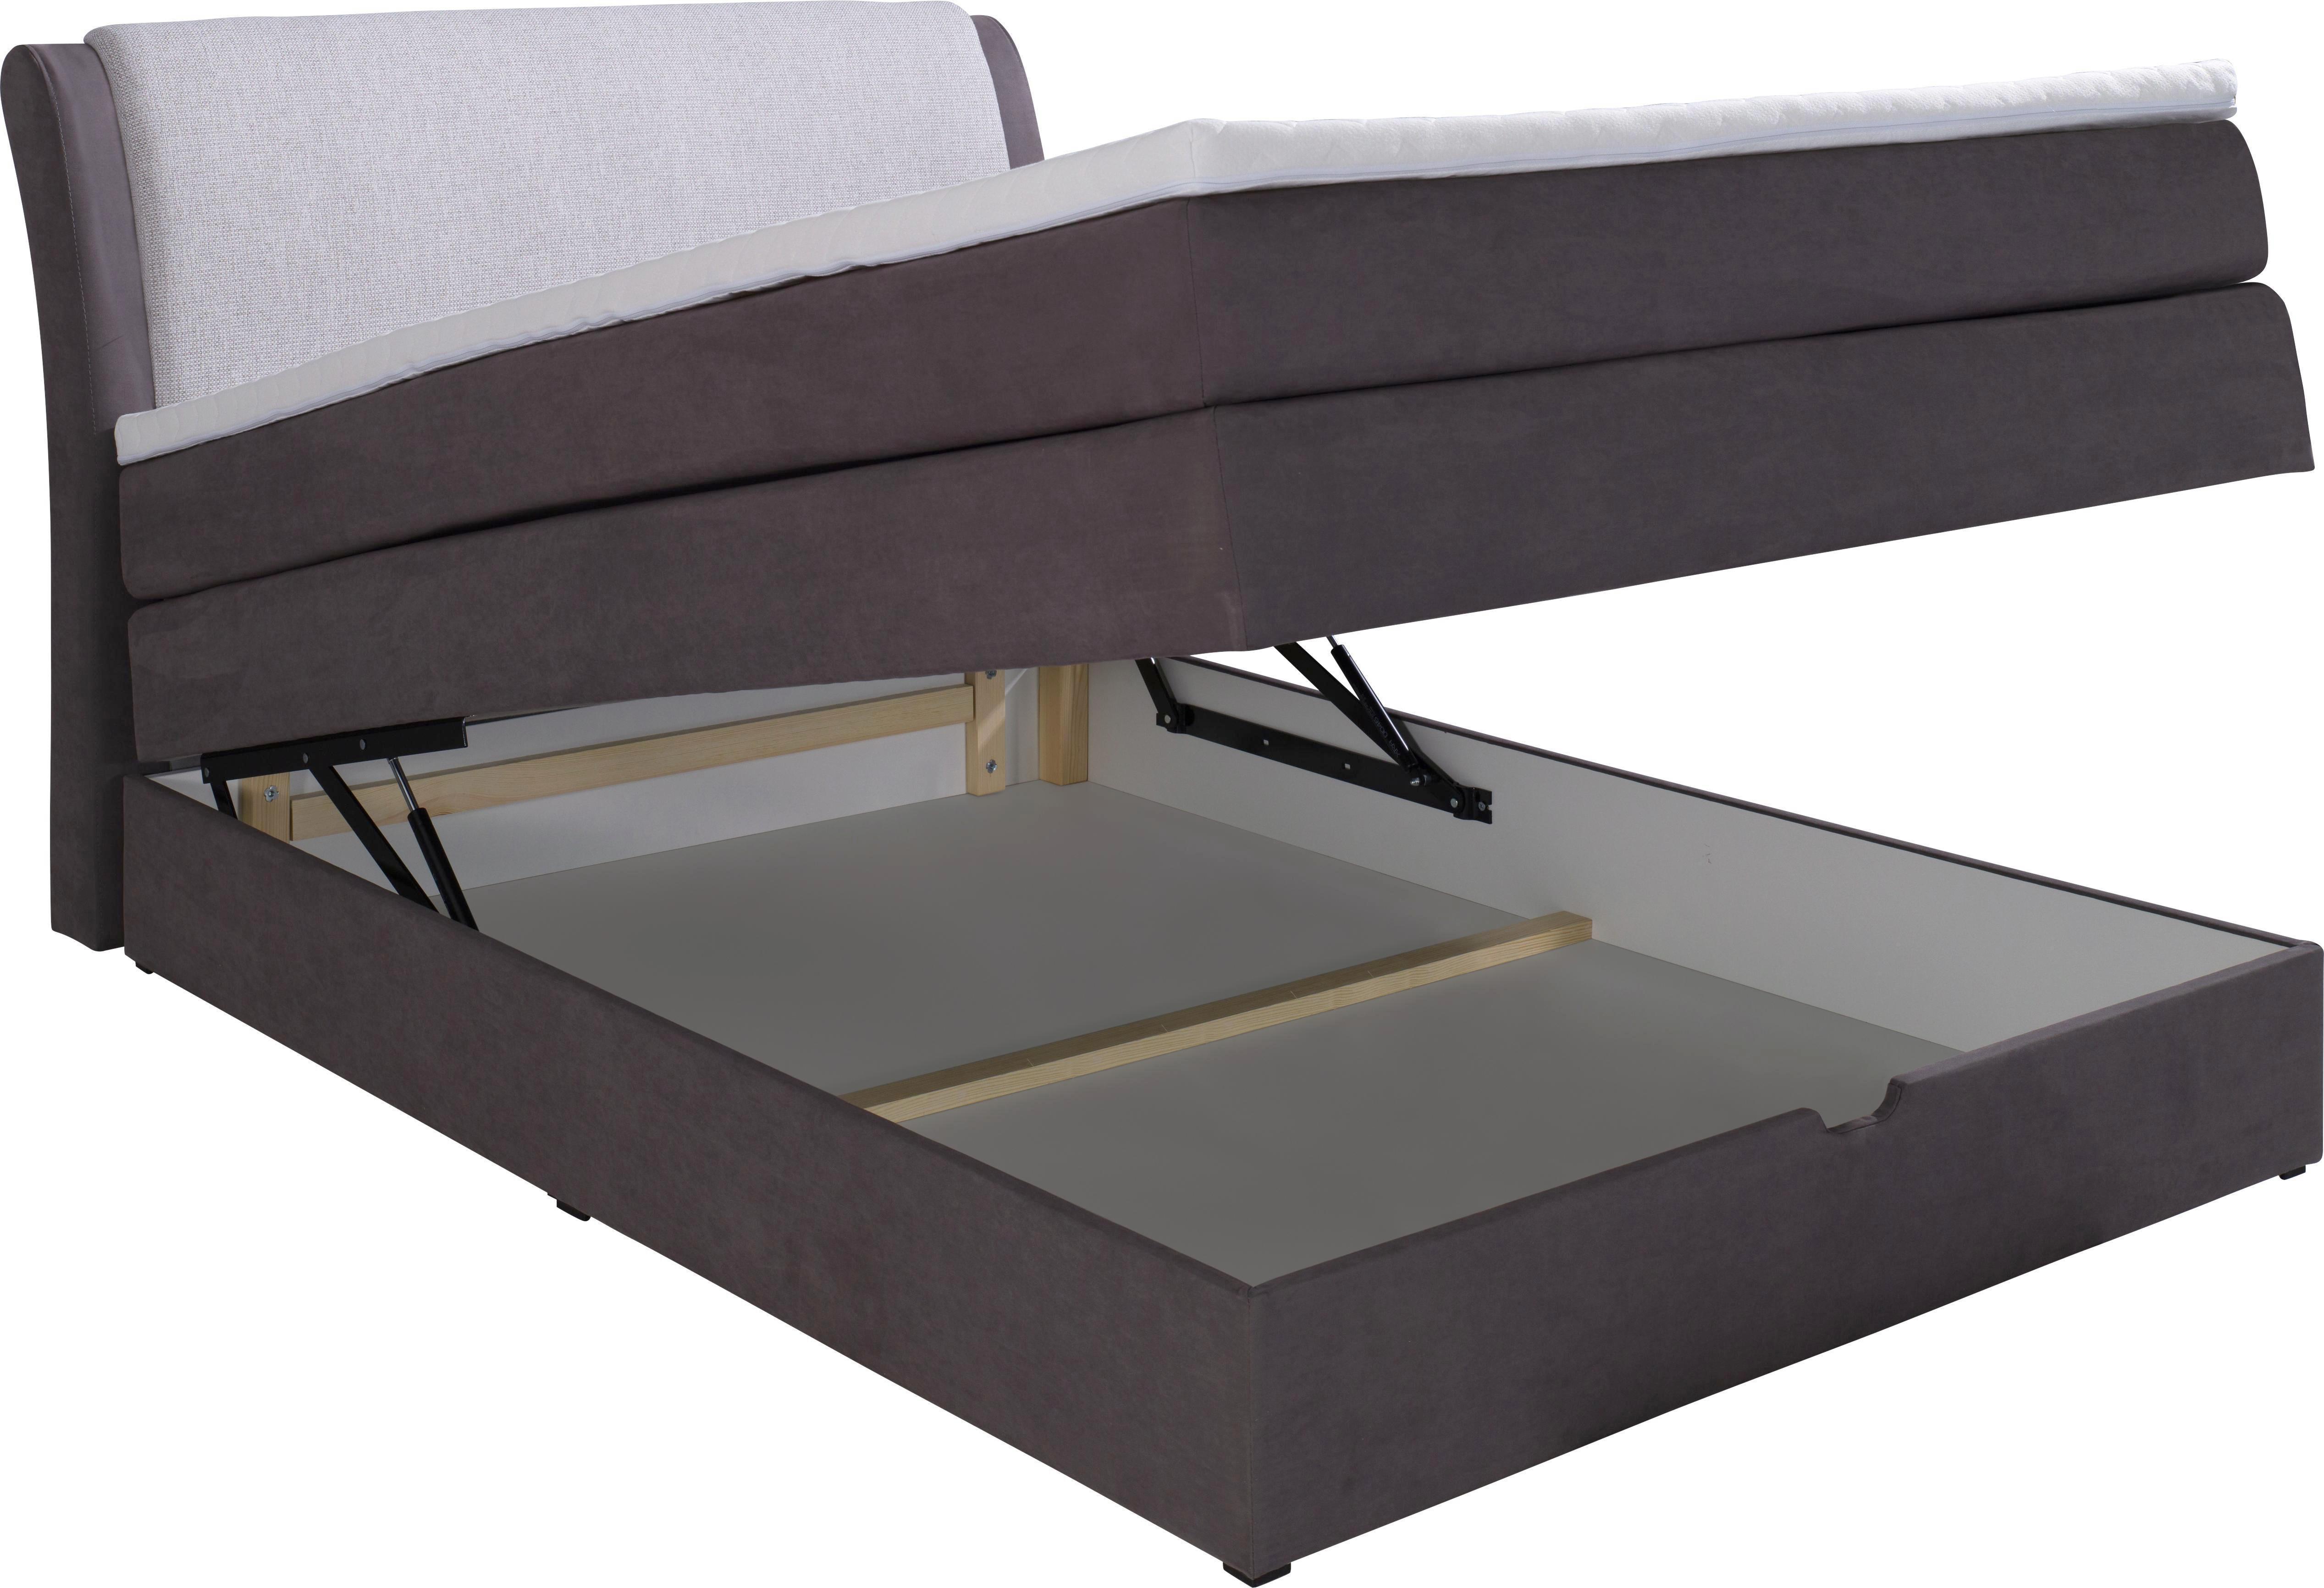 Boxspringbett in Grau, ca. 140x200cm - Hellgrau/Grau, KONVENTIONELL, Textil (227/146/109cm) - PREMIUM LIVING